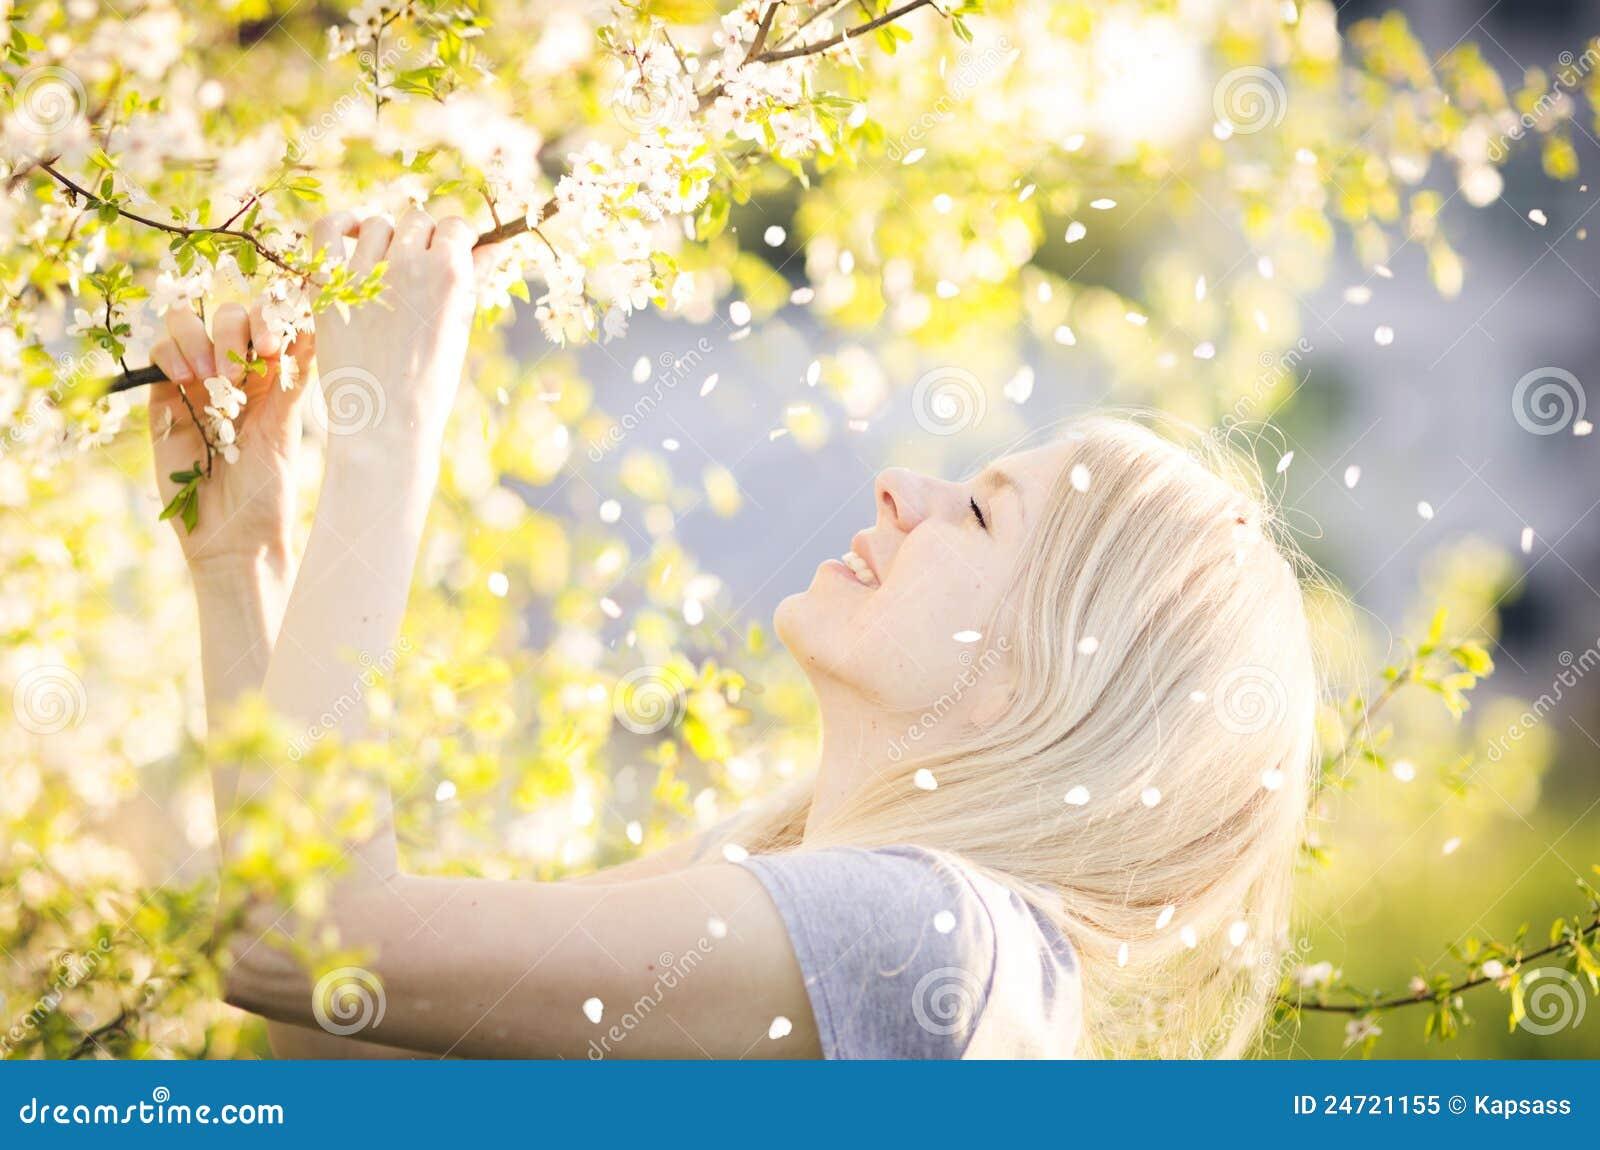 Glückliche Frau, die Frühling, Natur, fallendes Blumenblatt genießt